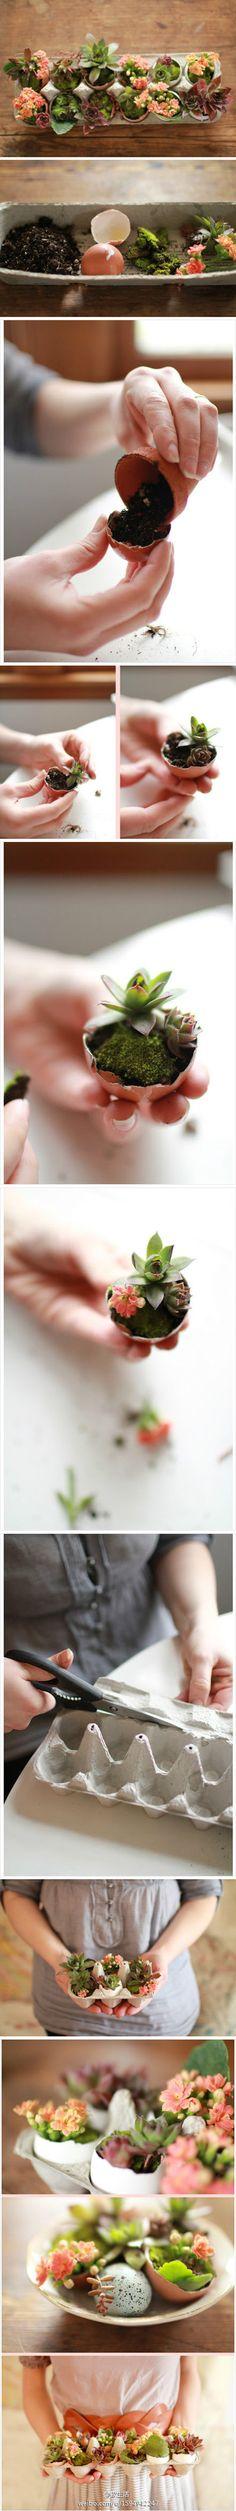 制作属于你的蛋壳花园。所需材料:盆栽土,鸡蛋壳,苔藓,多肉,花。步骤:①在空蛋壳里填入适量盆栽土②加入肉植③在土壤上方添加一层青苔④如果你喜欢,可以加枝可爱的花朵注入色彩⑤切断一个鸡蛋箱的两侧,并加入… - 堆糖 发现生活_收集美好_分享图片